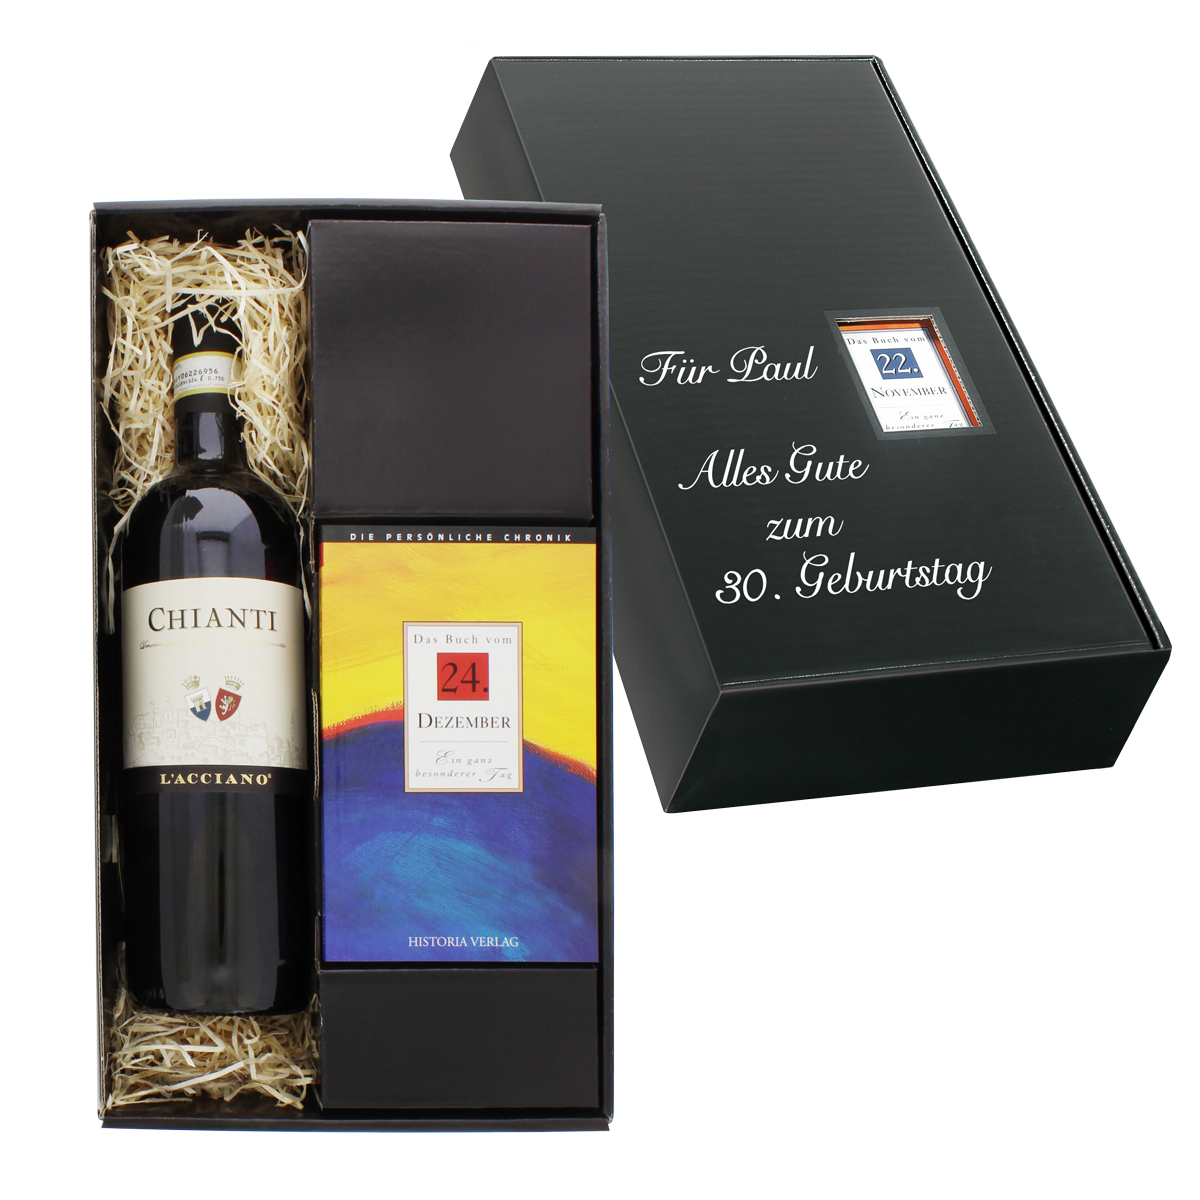 Italien-Set: Tageschronik vom 1. Juni & Chianti-Wein